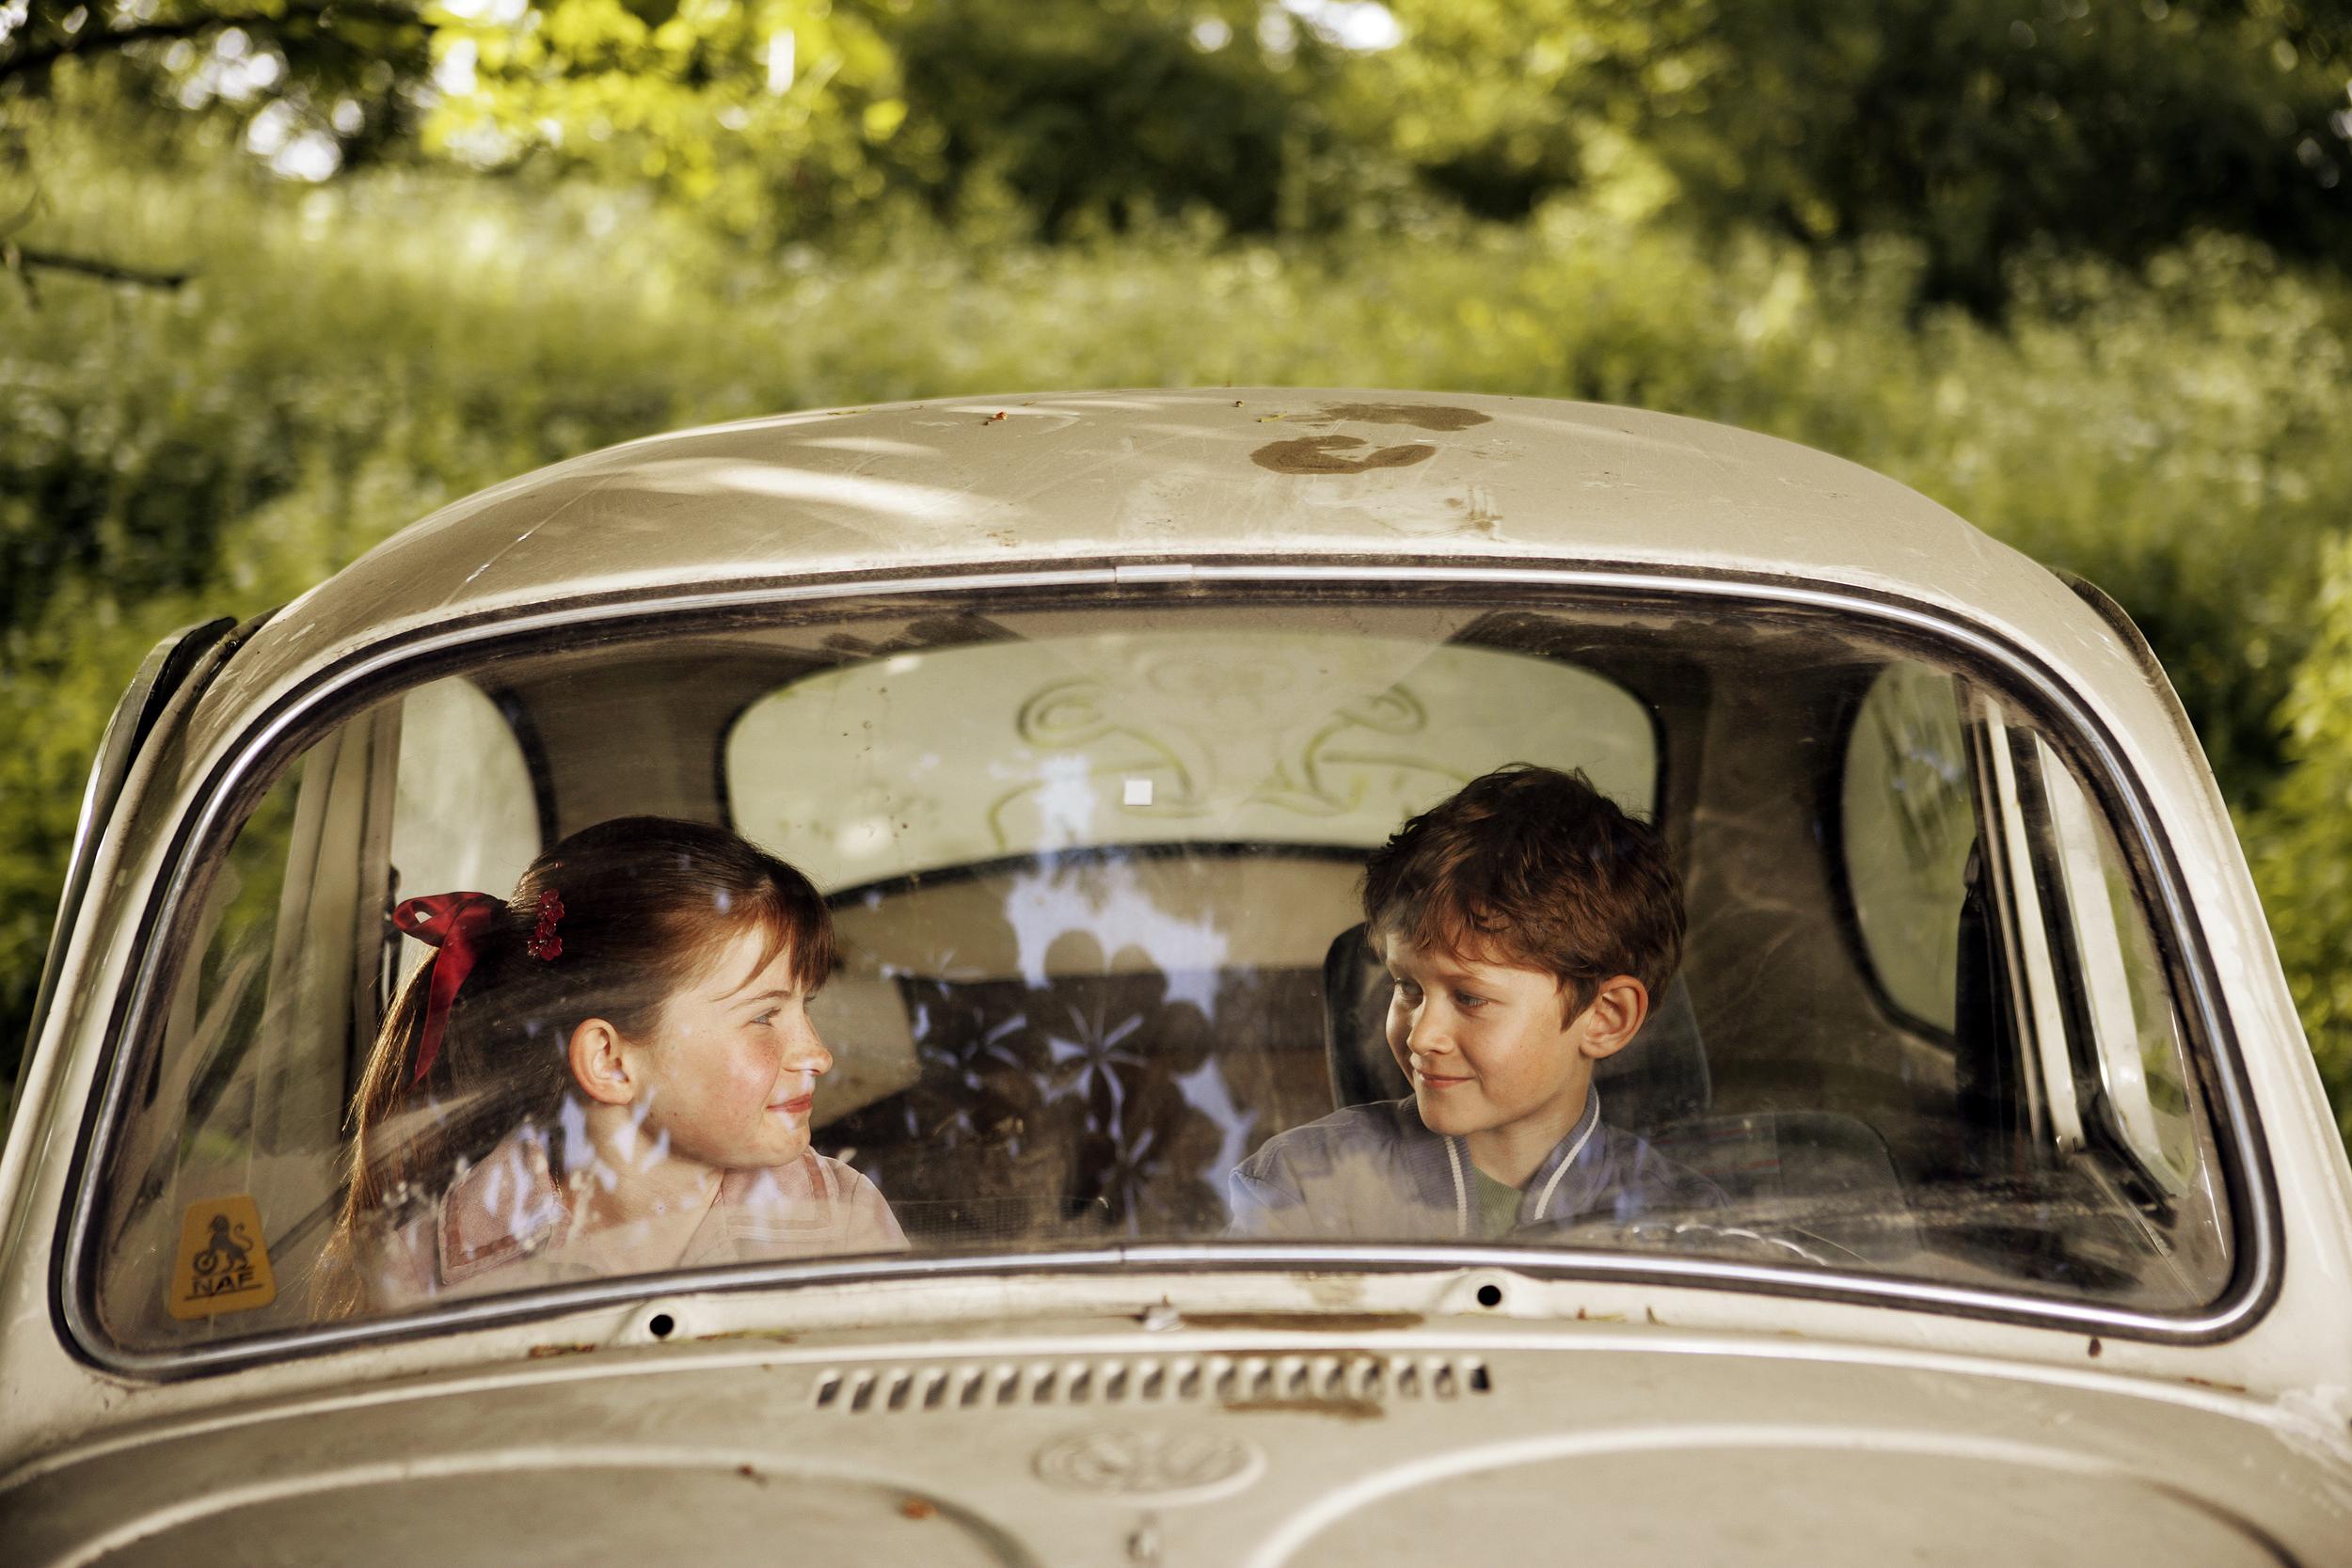 Svein og Melissa i bil.jpg